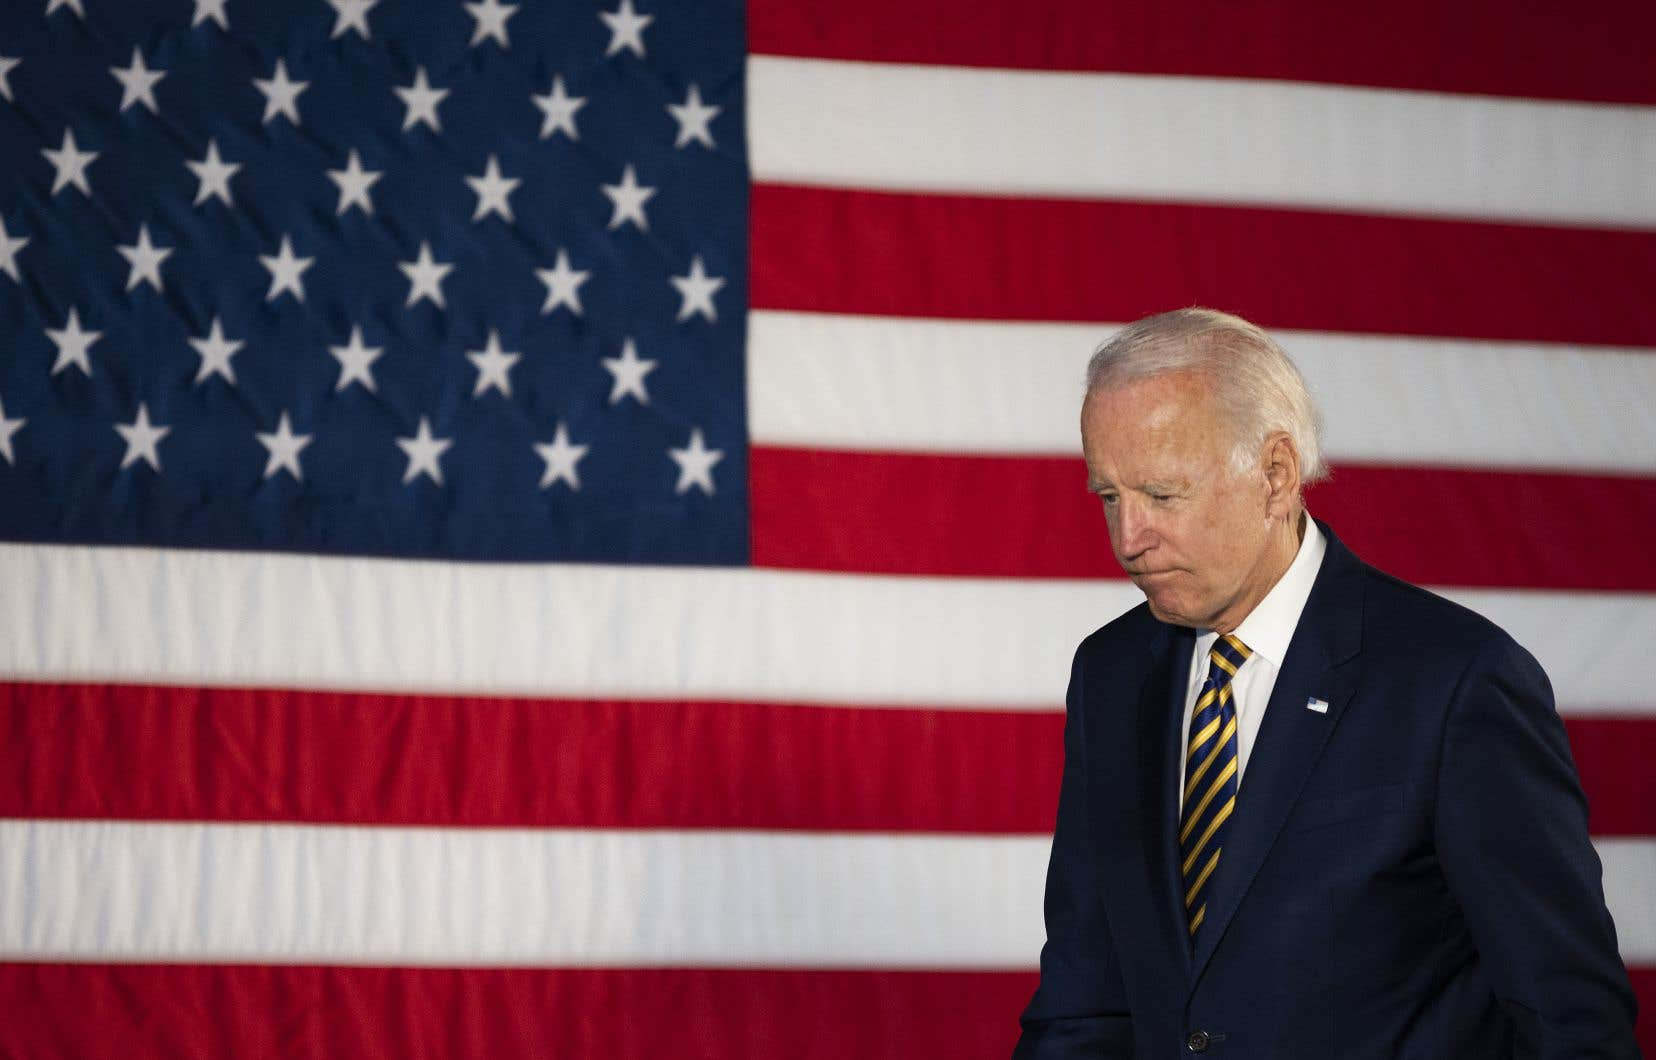 Le candidat démocrate à la présidence américaine, Joe Biden, a annoncé, peu avant le début de la pandémie de COVID-19, qu'il choisira une femme pour occuper le poste de vice-présidente advenant sa victoire aux élections.